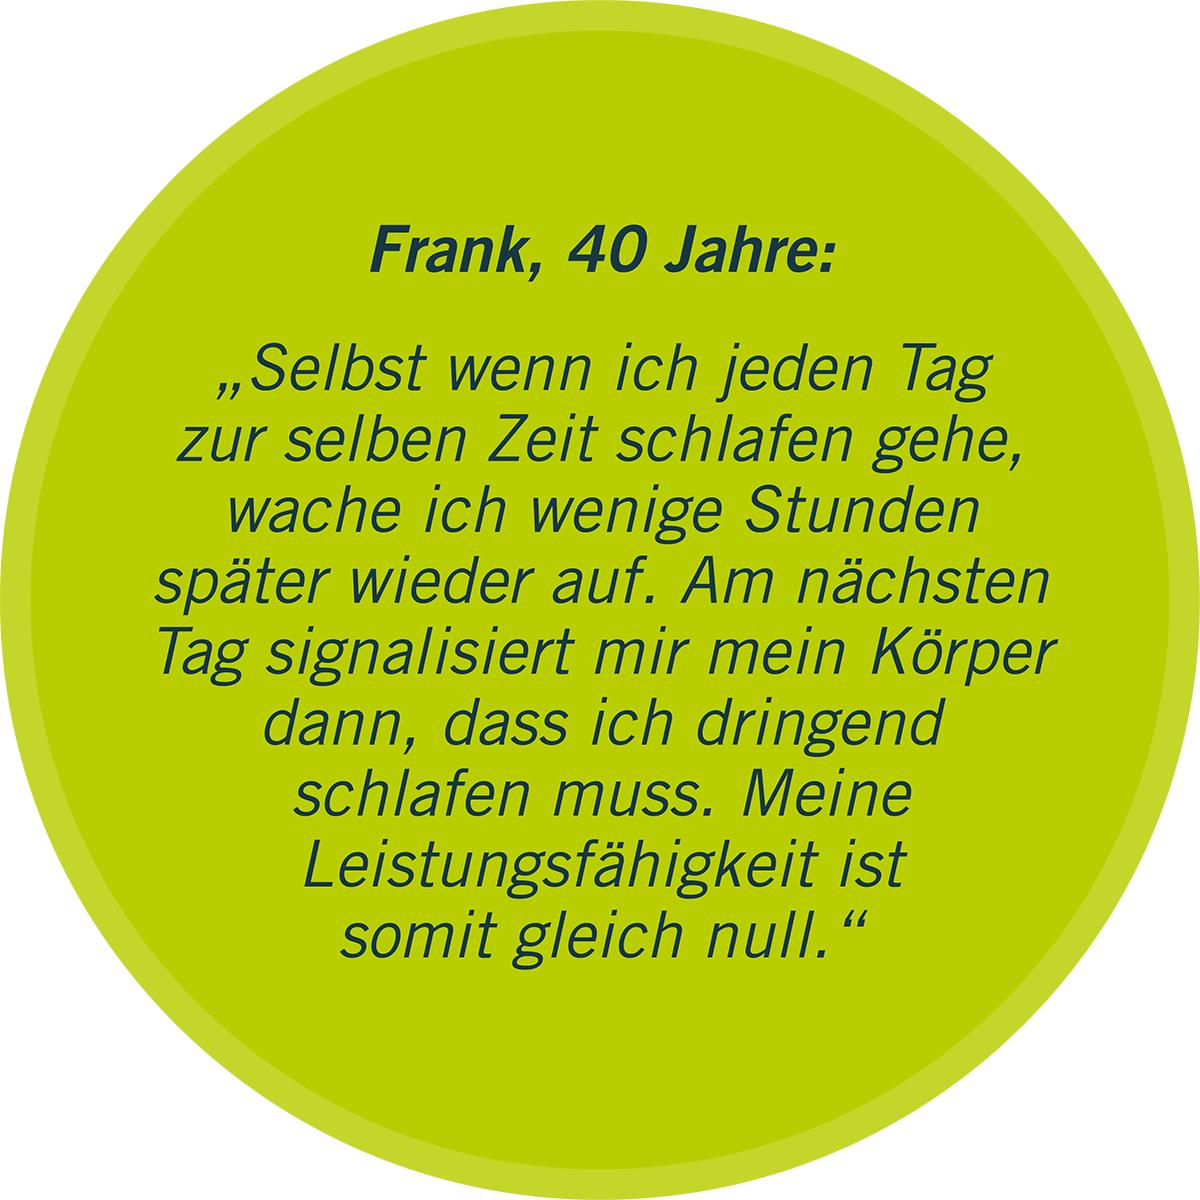 """Zu sehen ist in einer grünen Sprechblase ein Statement von Frank, 40 Jahre, zu seiner Erfahrung mit der Krankheit Non-24: """"Selbst wenn ich jeden Tag zur selben Zeit schlafen gehe, wache ich wenige Stunden später wieder auf. Amnächsten Tag signalisiert mir mein Körper dann, dass ich dringend schlafen muss. Meine Leistungsfähigkeit ist somit gleich null."""""""